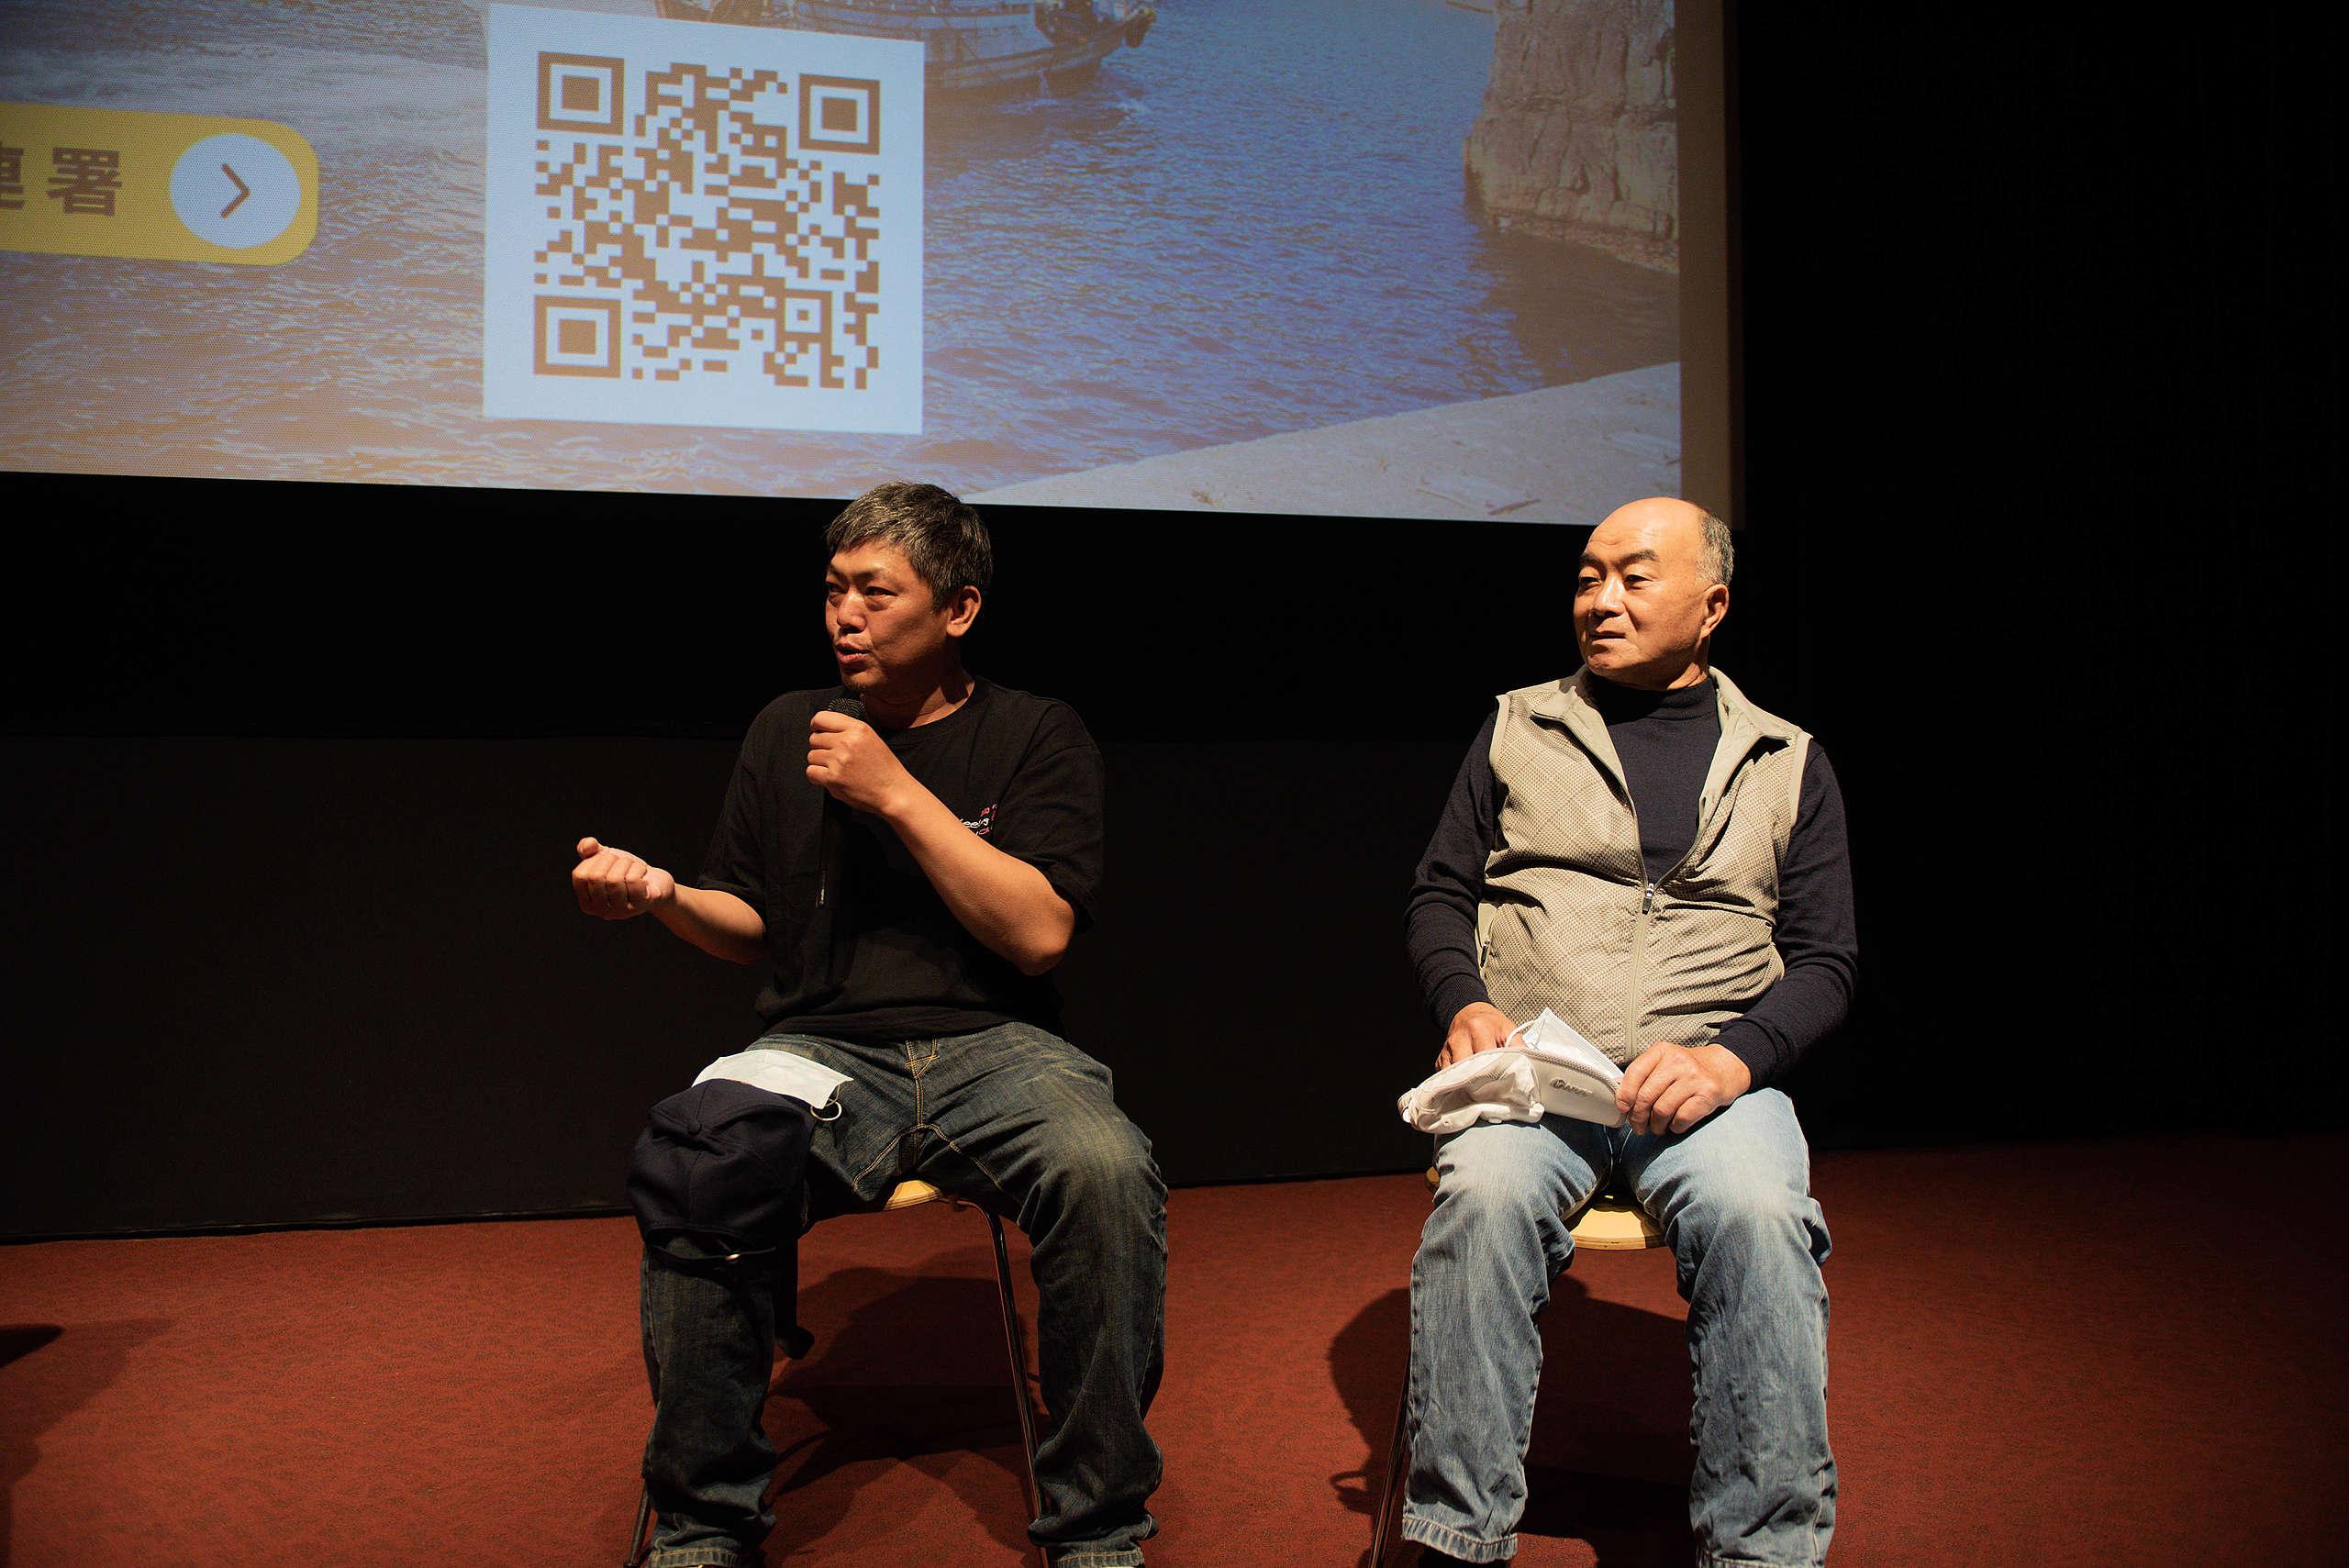 長年在海上工作的李永泰(左)和江長湖(右)表示,海洋如果能夠永續,對漁民反而是很大的幫助。